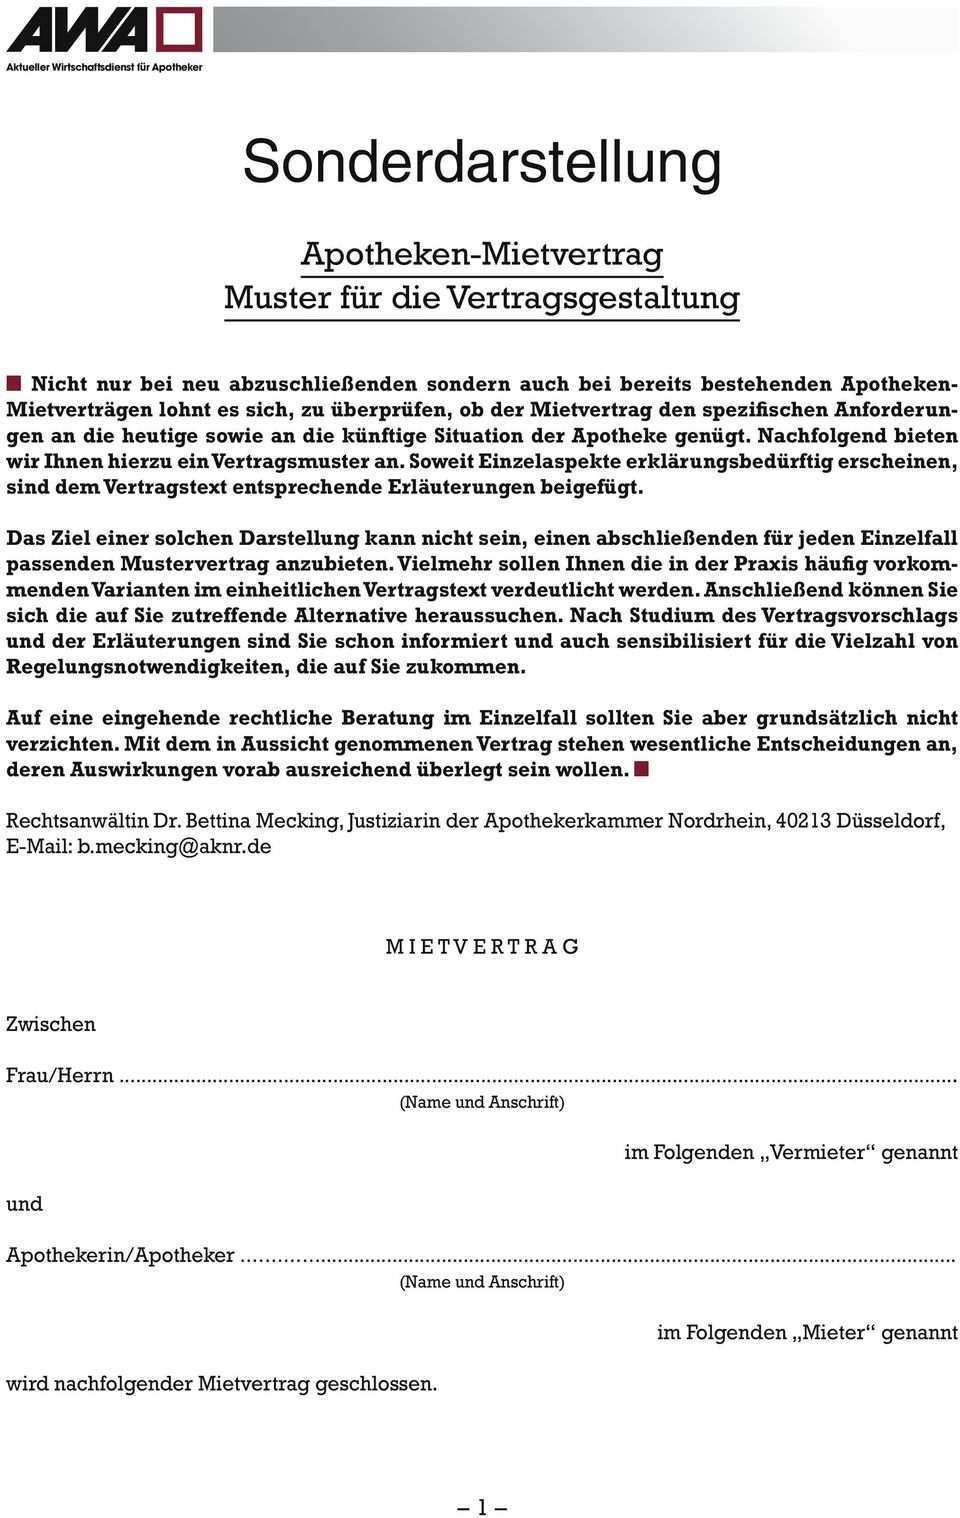 Sonderdarstellung Apotheken Mietvertrag Muster Fur Die Vertragsgestaltung Pdf Free Download